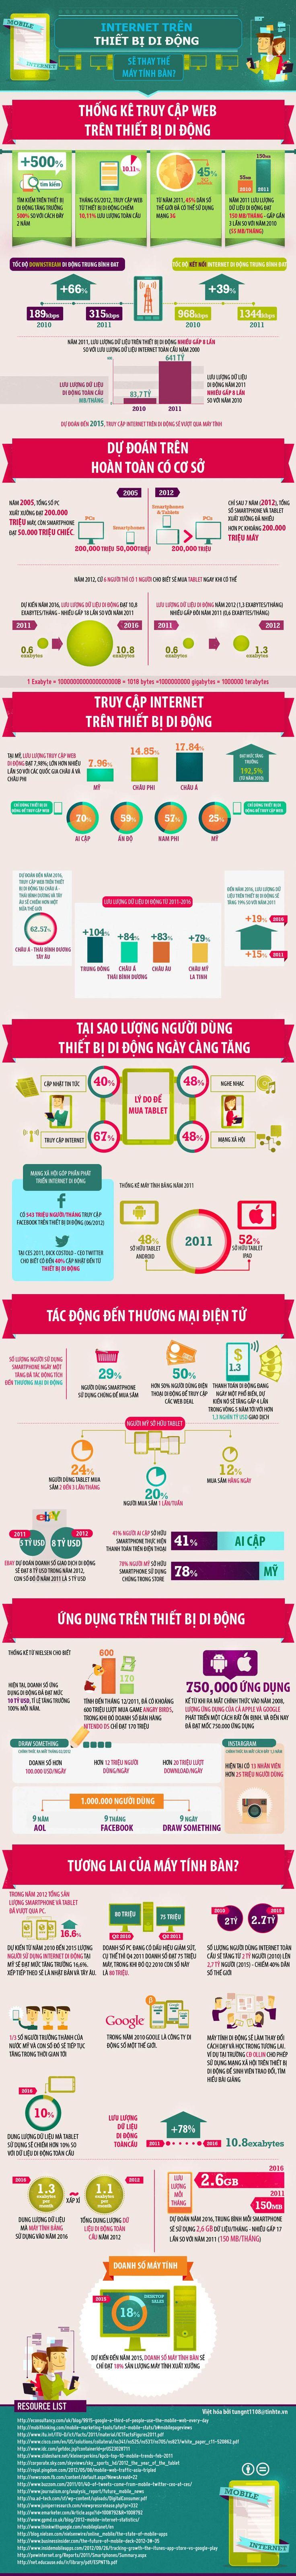 Brands Vietnam - Sự phát triển đáng kinh ngạc của Internet trên thiết bị di động